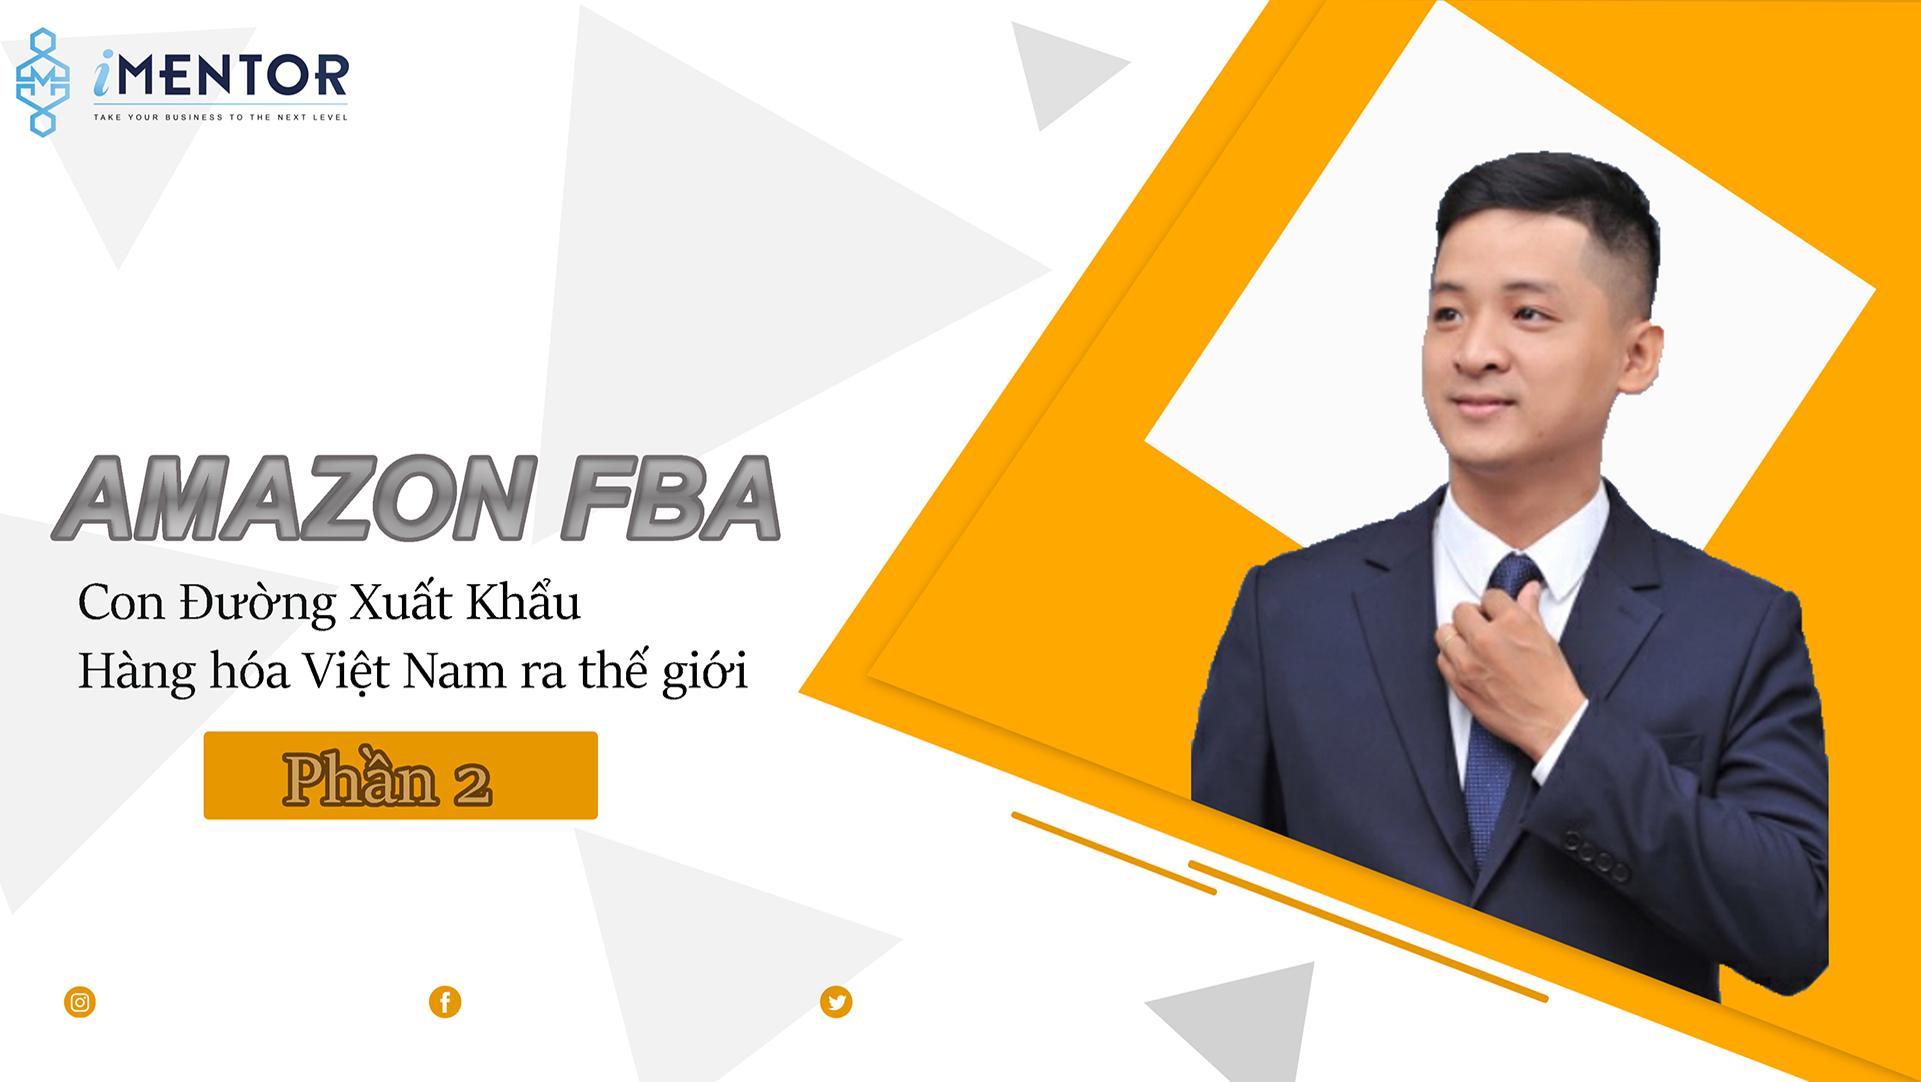 Amazon FBA - Con đường xuất khẩu hàng hóa Việt Nam ra thế giới. PHẦN 2